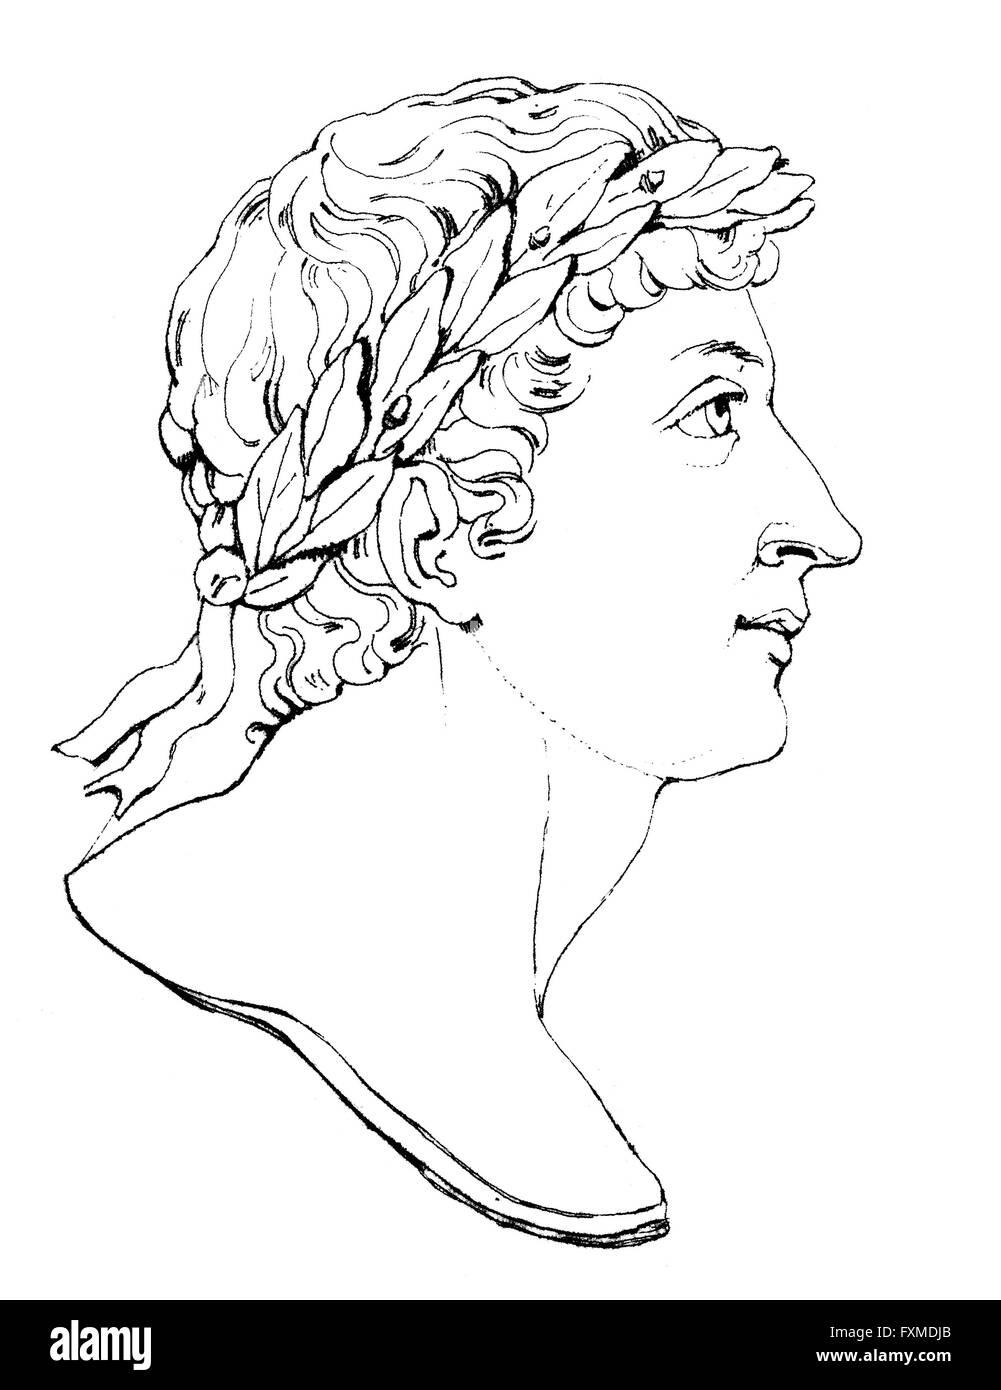 Publius Ovidius Naso oder Ovid 43 v. Chr.-17, eine römische Dichter Publius Ovidius Naso Oder Ovid 43 v. Chr. - 17 N. Chr. Ein Römischer D Stockfoto